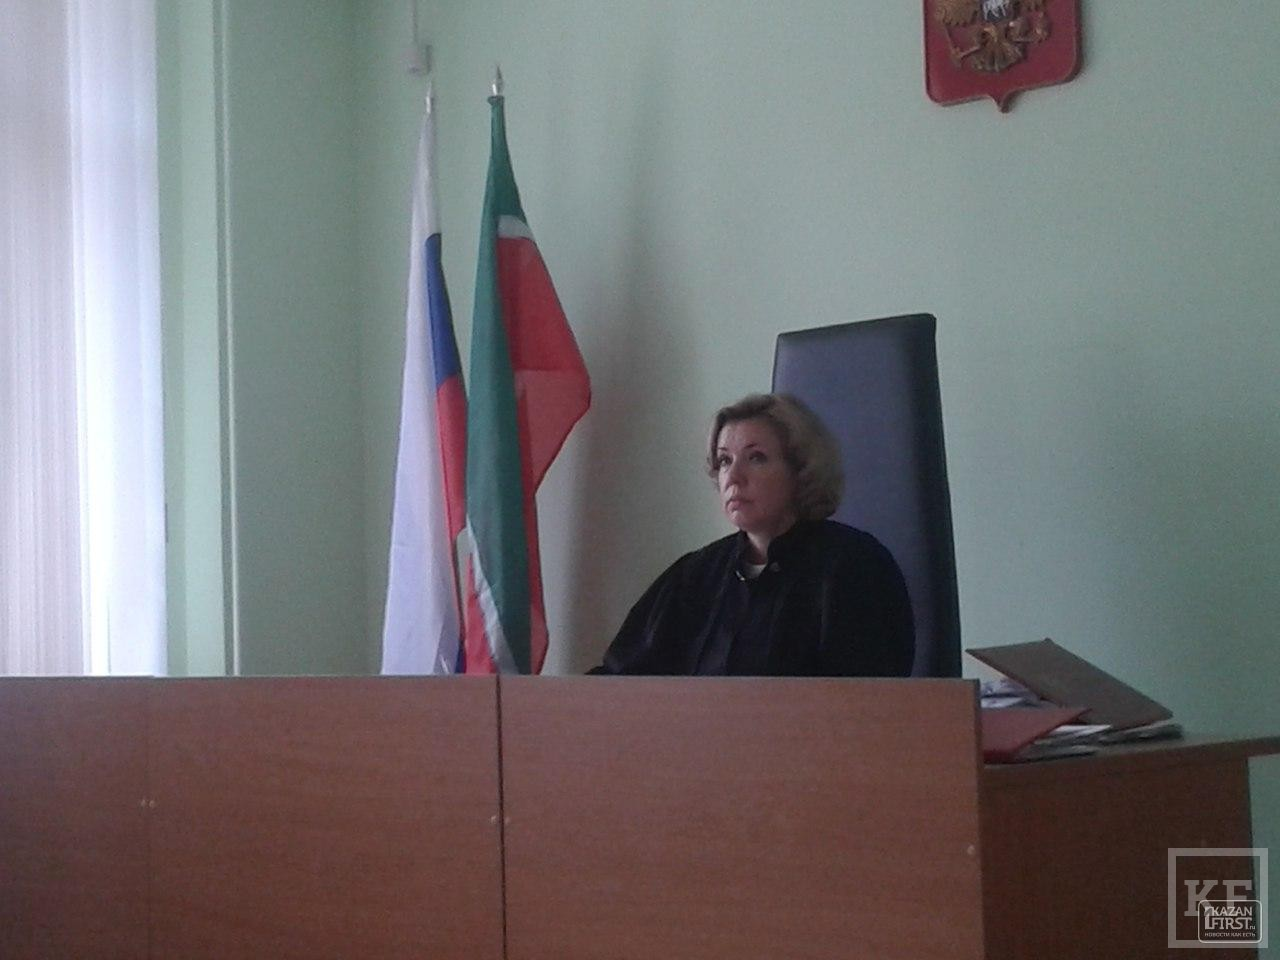 В Татарстане пациенты, страдающие орфанными заболеваниями, потребовали через суд выдать им жизненно-необходимые препараты